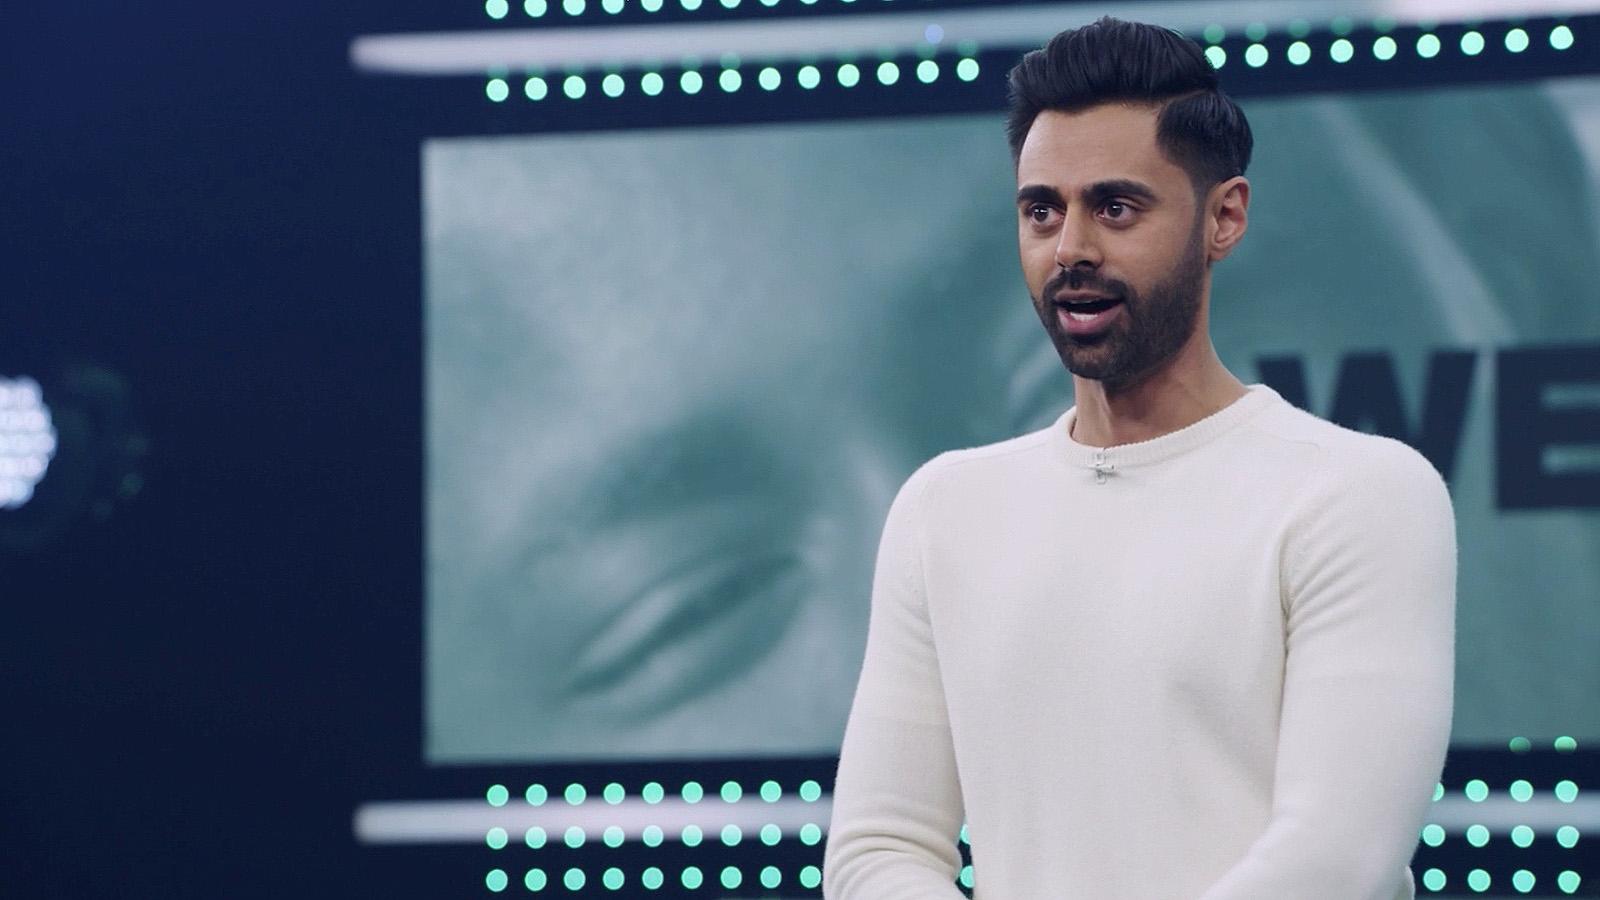 NCS-Netflix-Patriot-Act-Hasan-Minhaj-0008